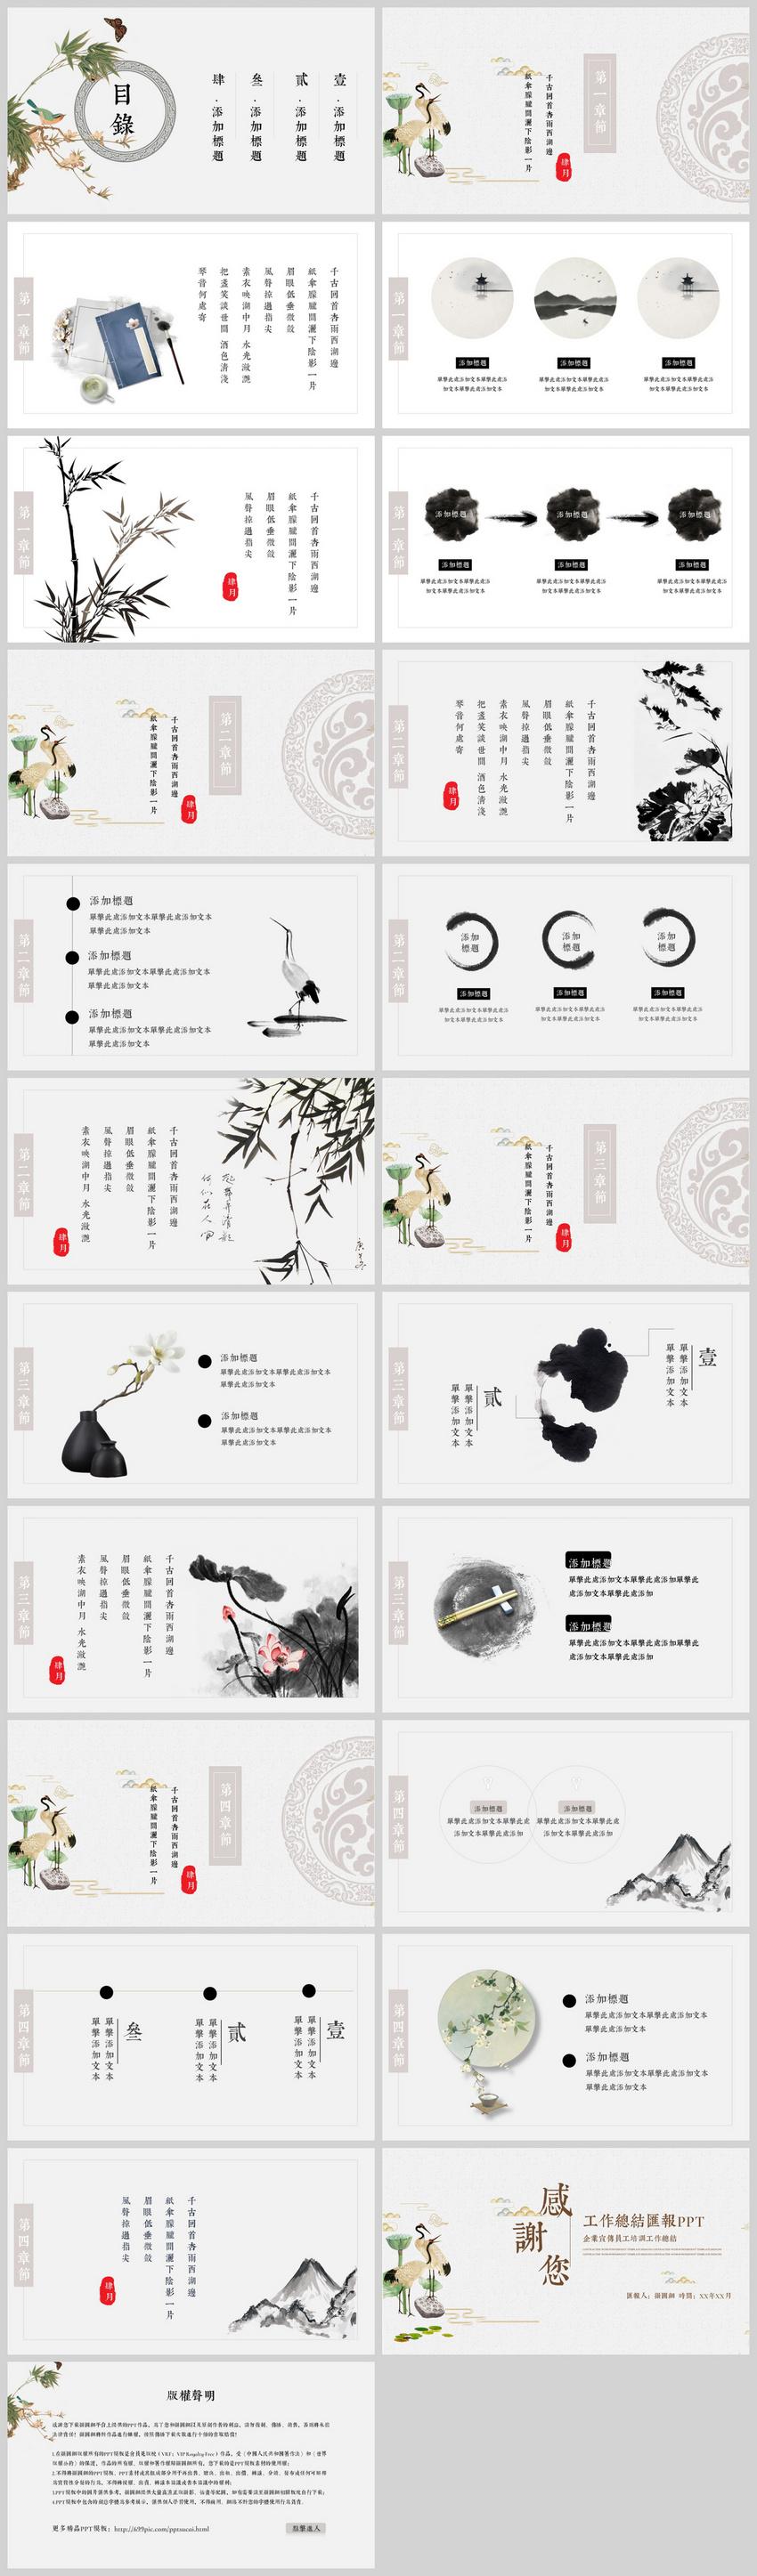 简约中国风计划总结PPT模板图片